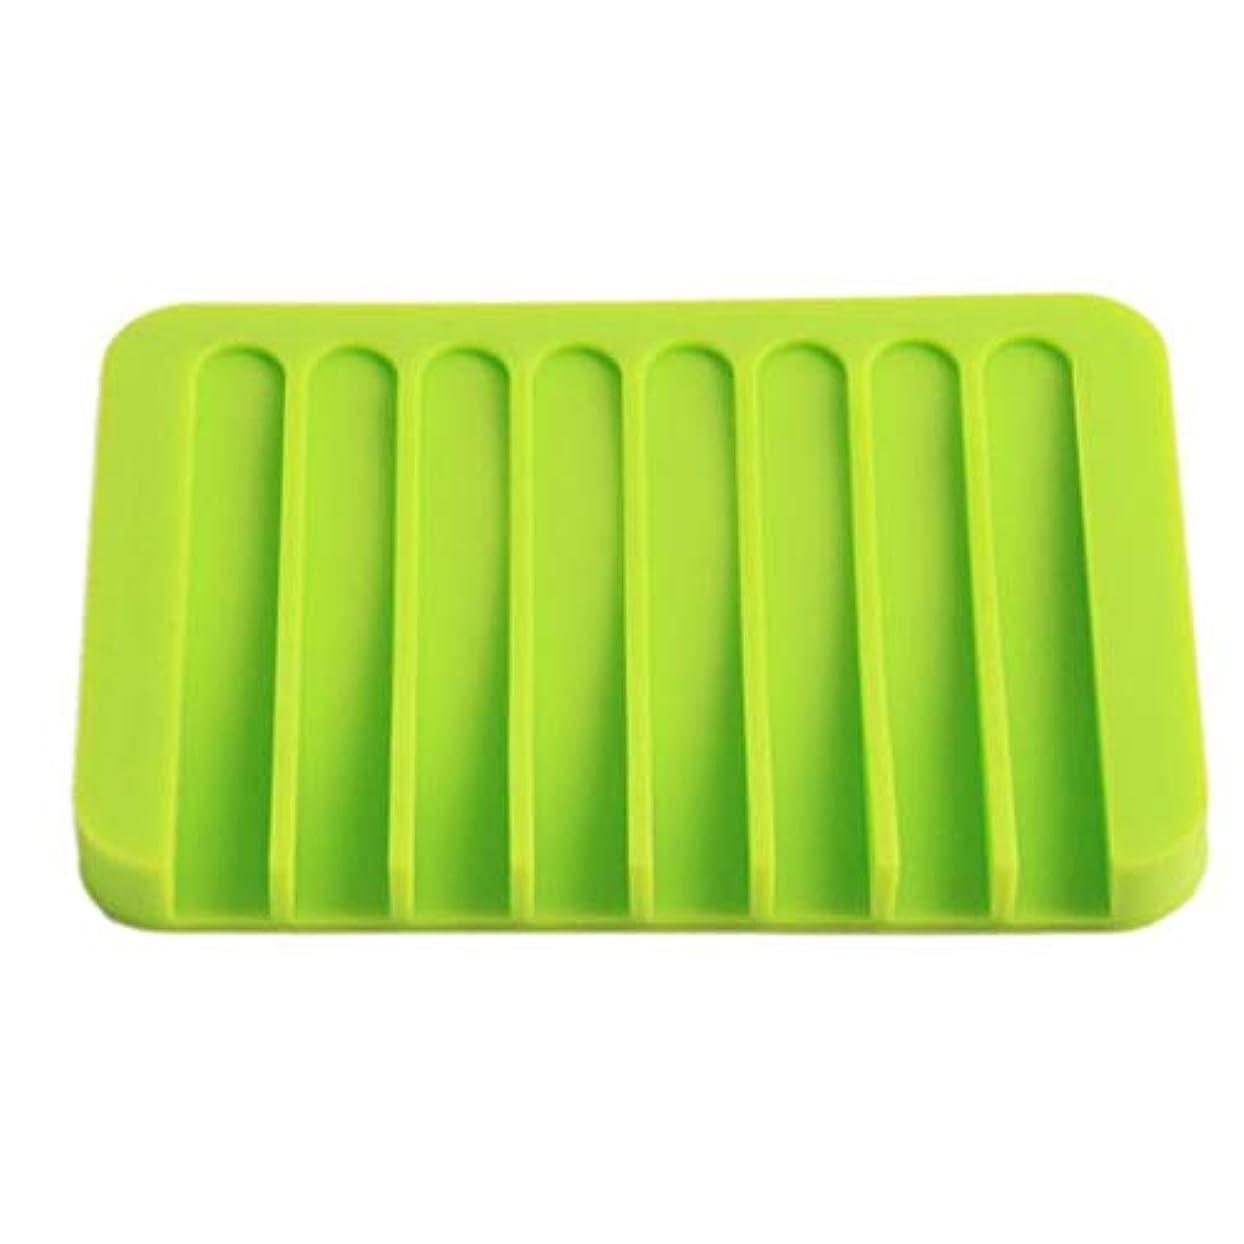 希望に満ちたマーキング対応Onior プレミアム品質のシリコーン浴室柔軟な石鹸皿ソープホルダー収納ソープボックスプレートトレイ排水、グリーン